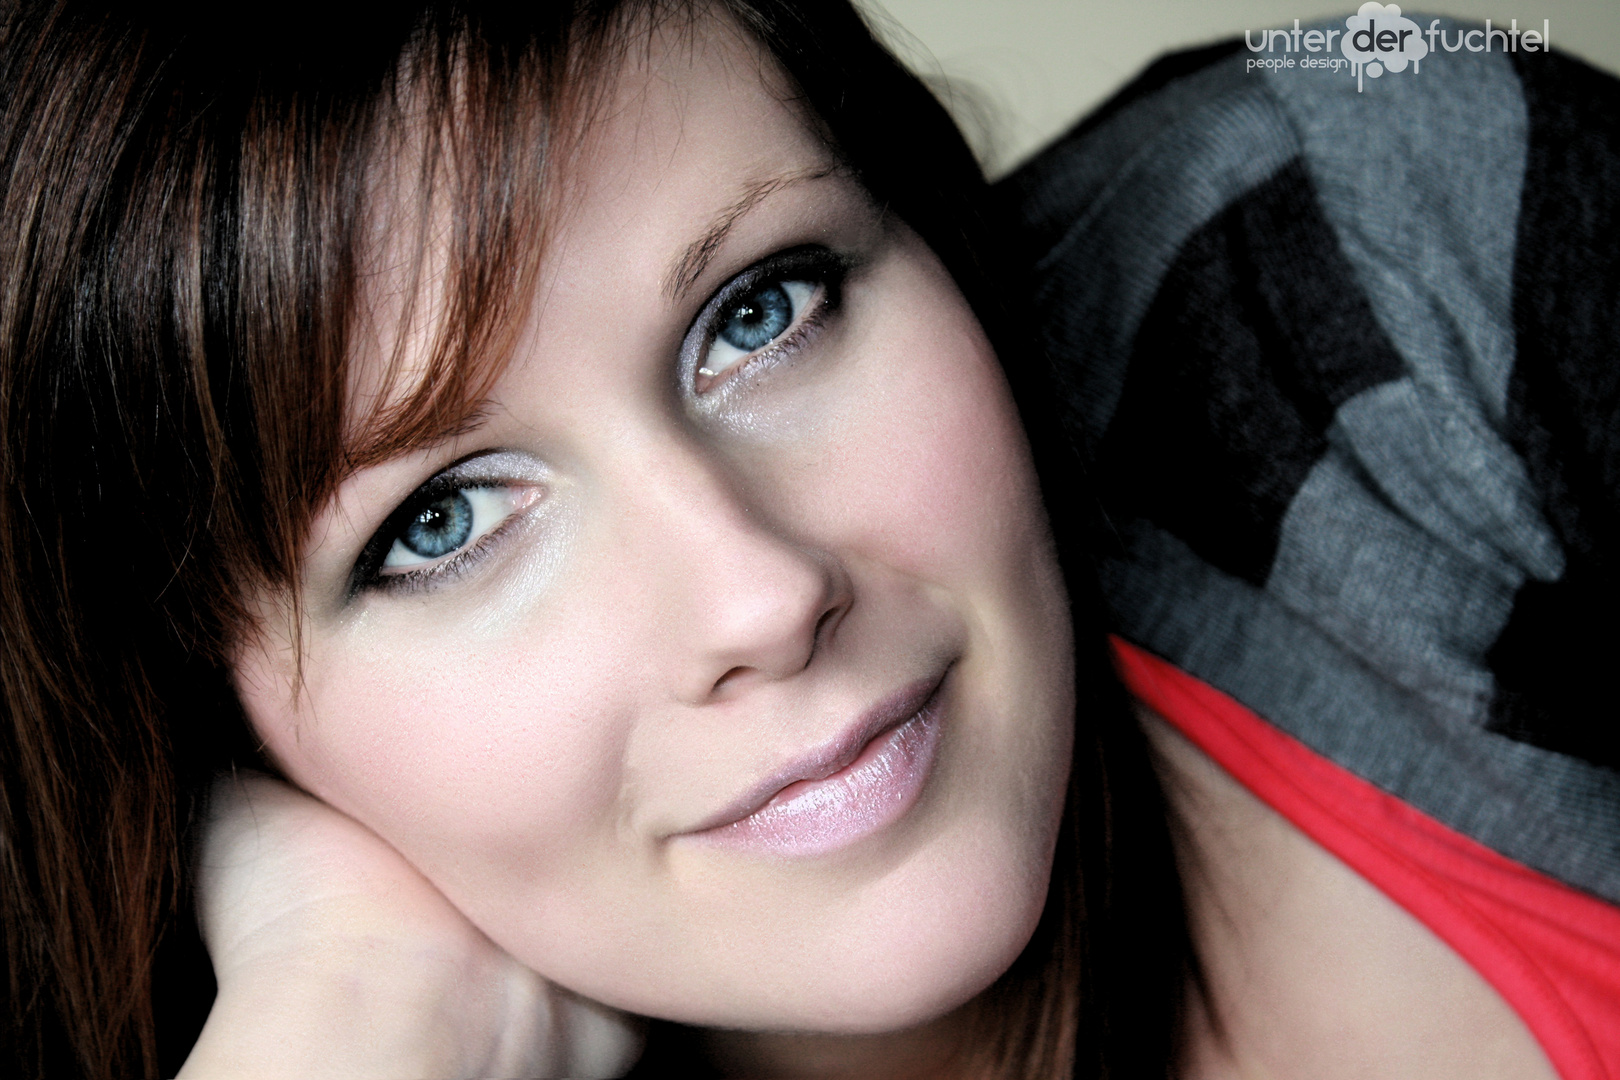 Rachels blue eyes...